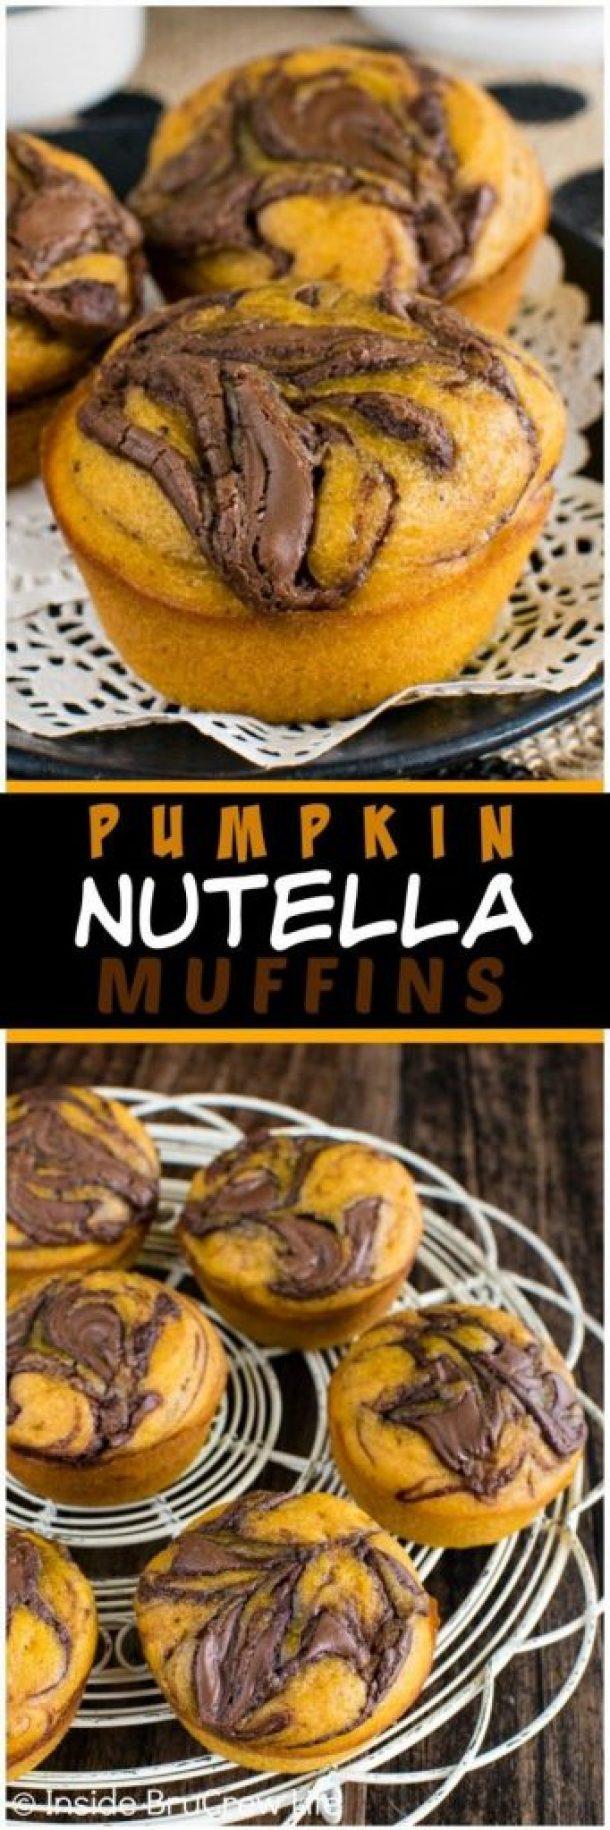 Pumpkin Nutella Muffins Recipe | Inside BruCrew Life